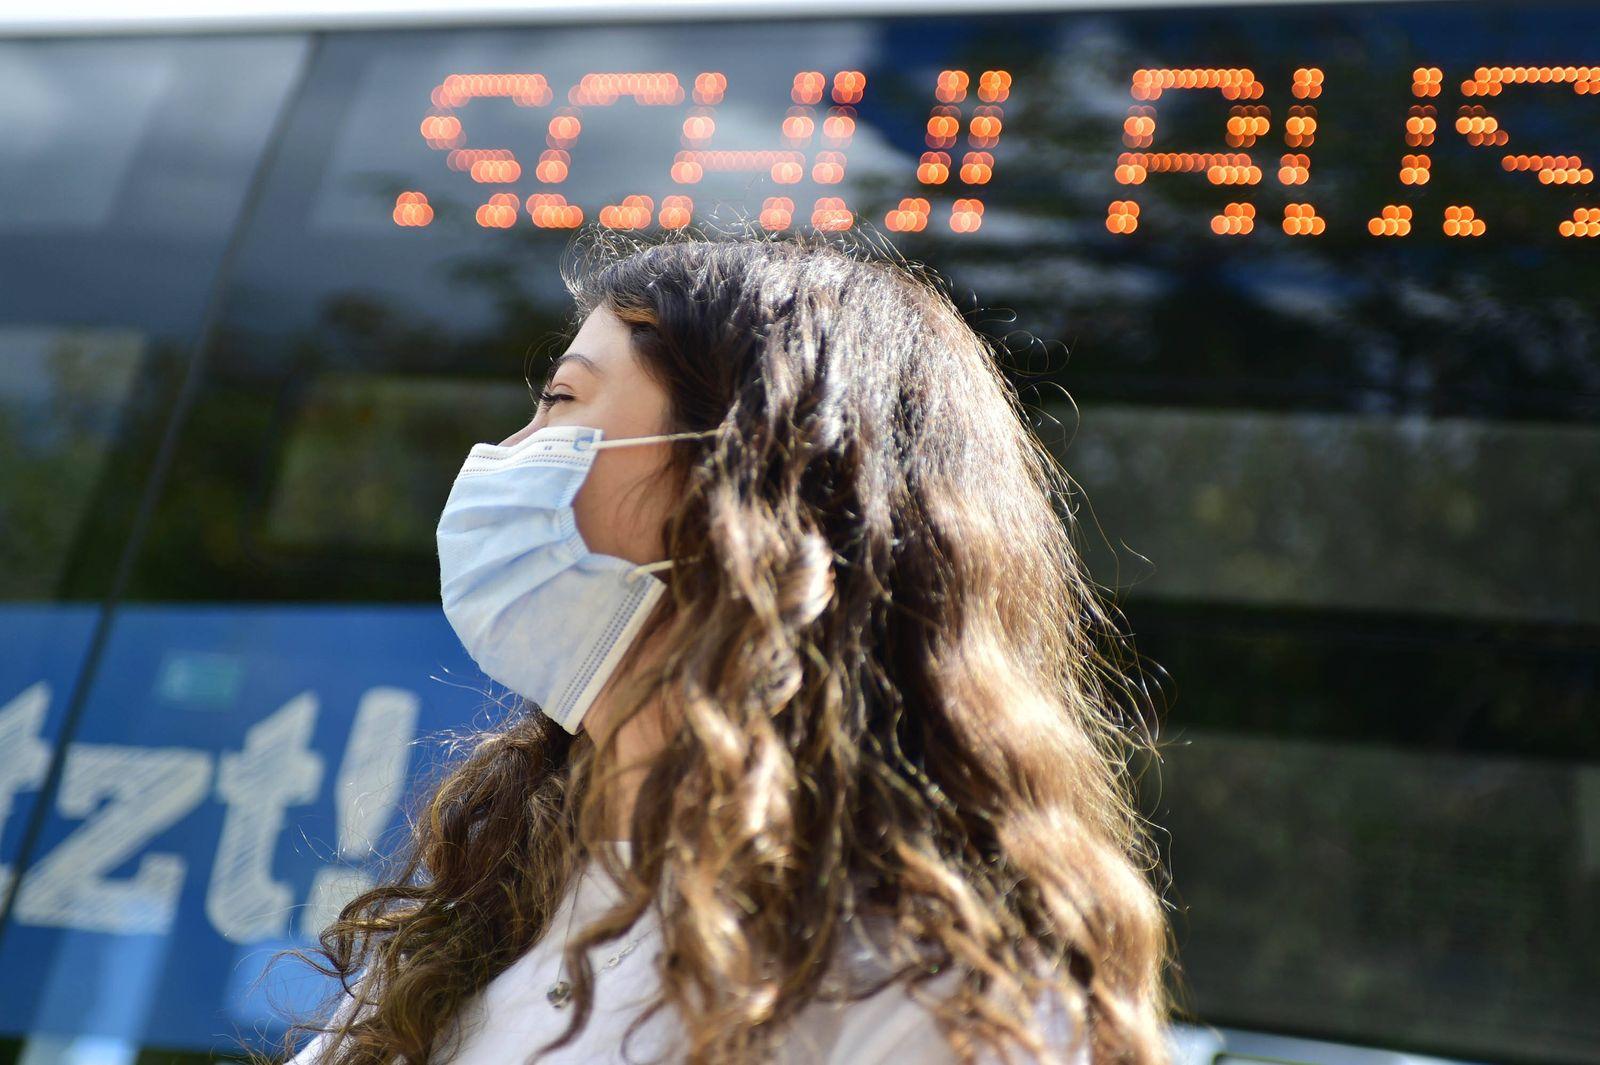 Eine Schülerin wartet an der Gemeinschaftsschule Bellevue in Saarbrücken auf den Schulbus und trägt für die Fahrt einen